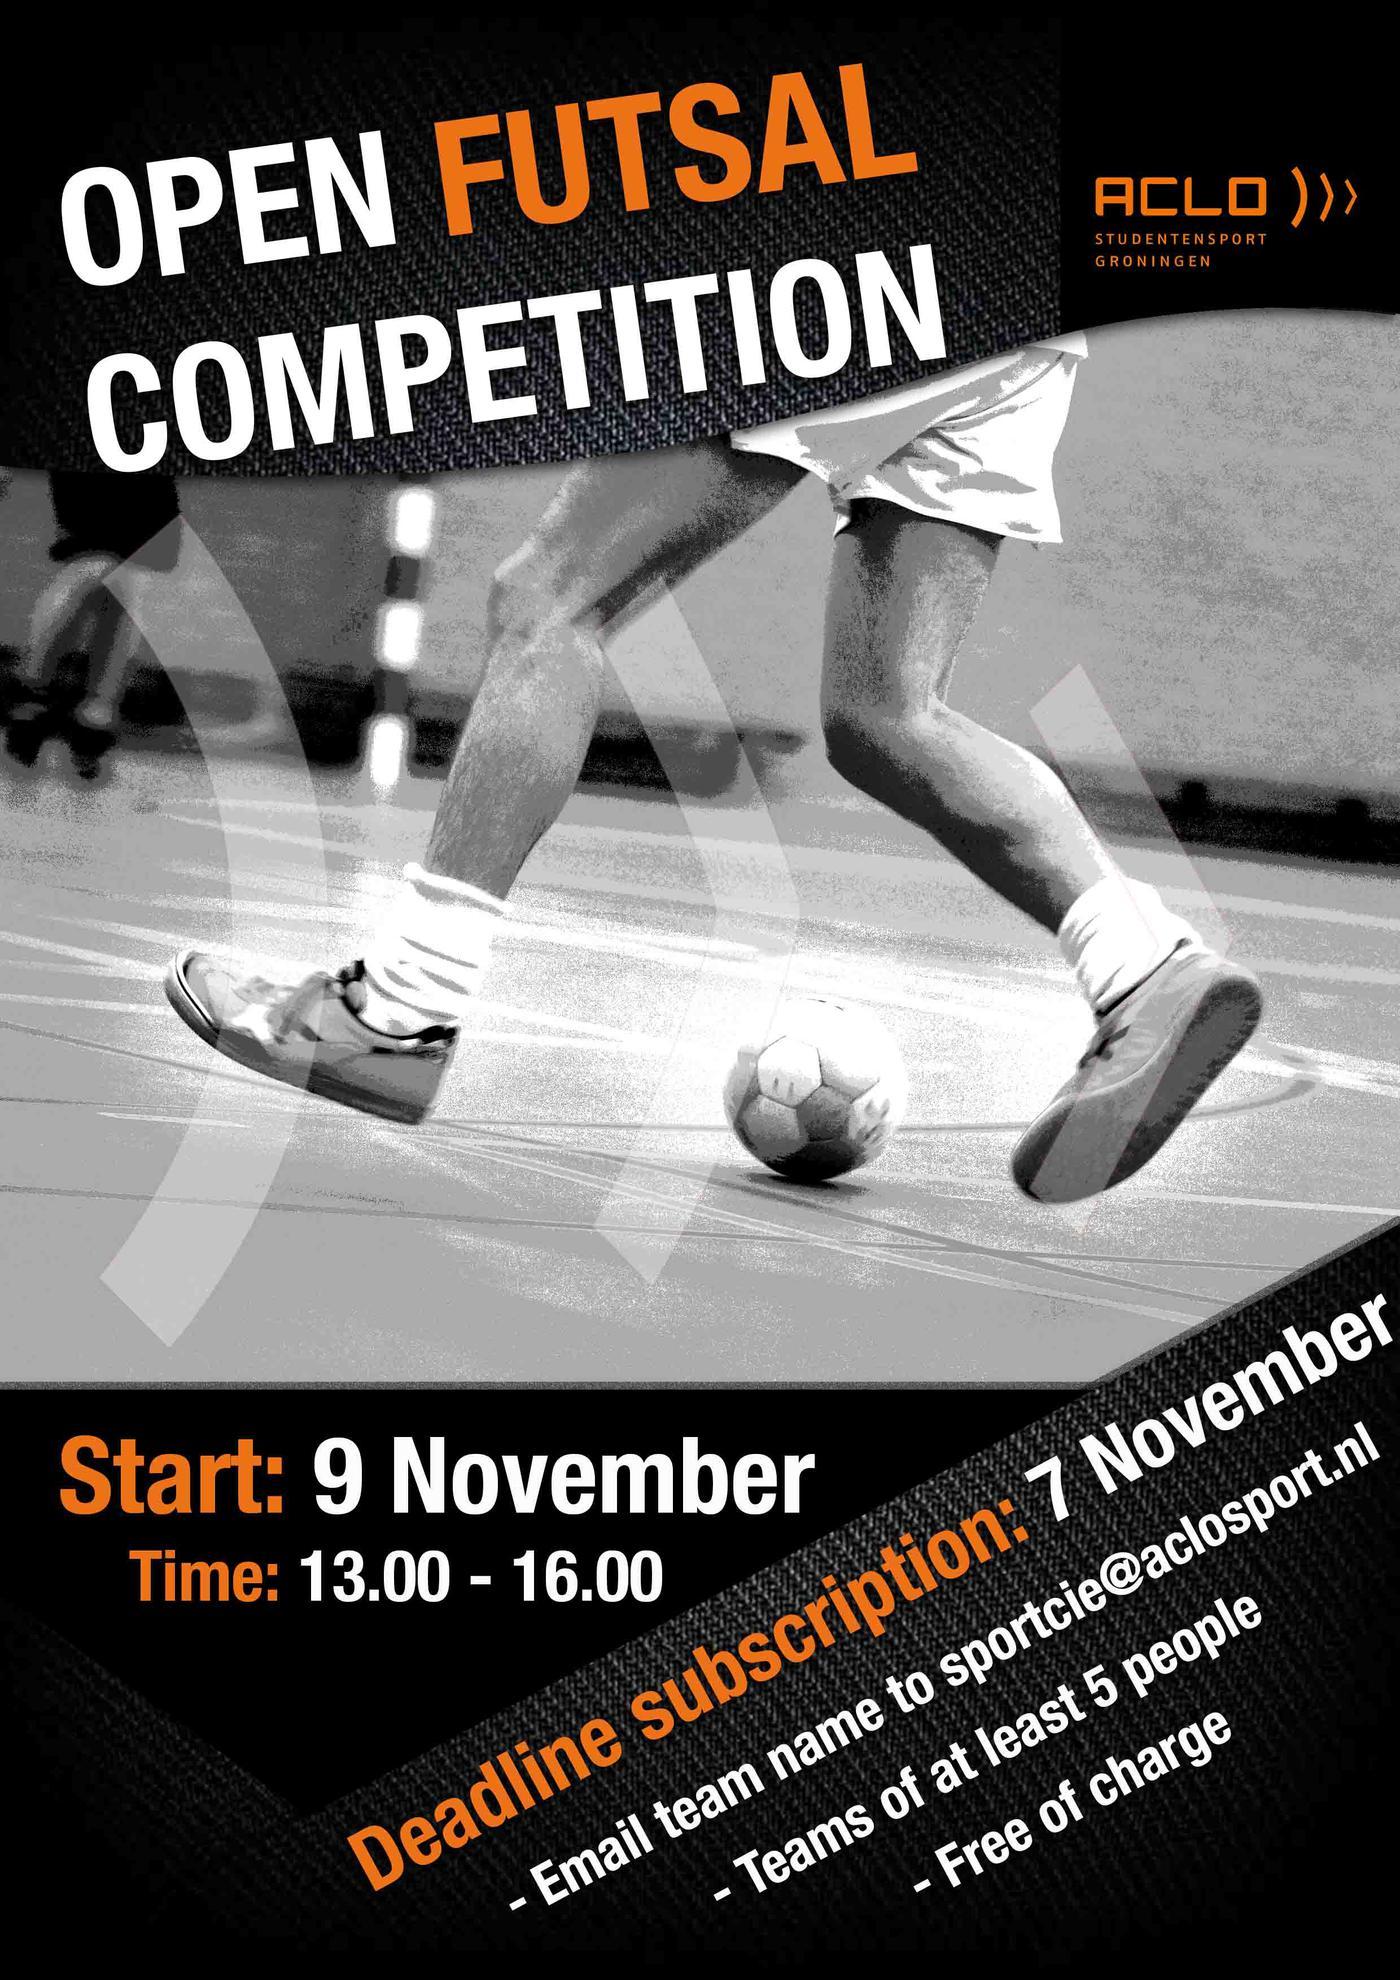 Open futsal competitie ACLO